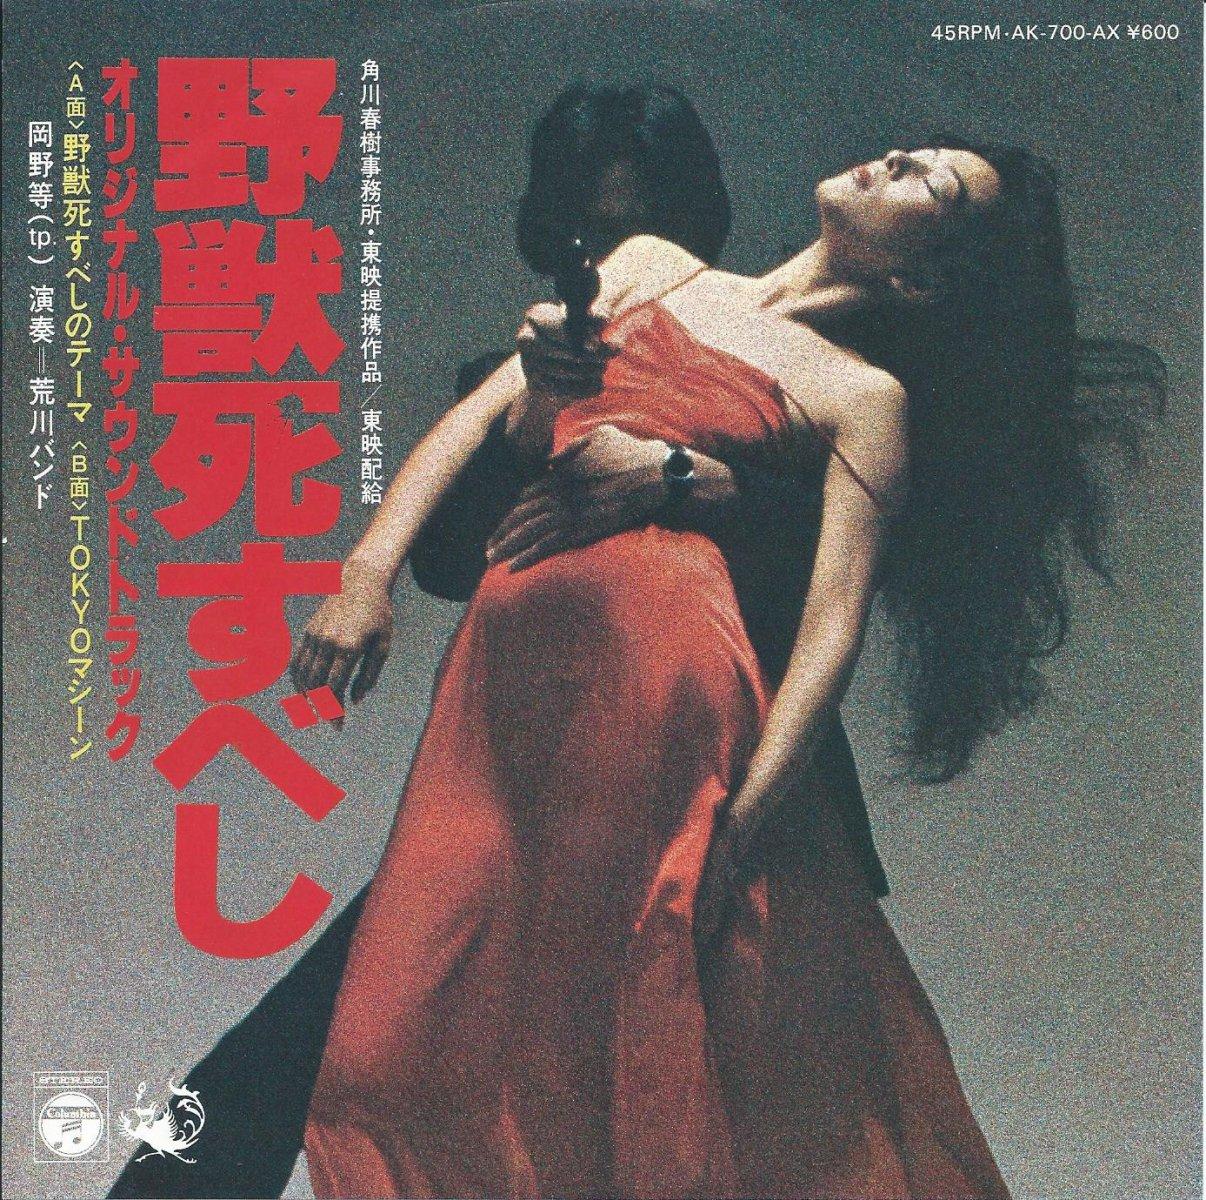 O.S.T. (岡野等 & 荒川バンド) / 野獣死すべし (野獣死すべしのテーマ / TOKYOマシーン) (7